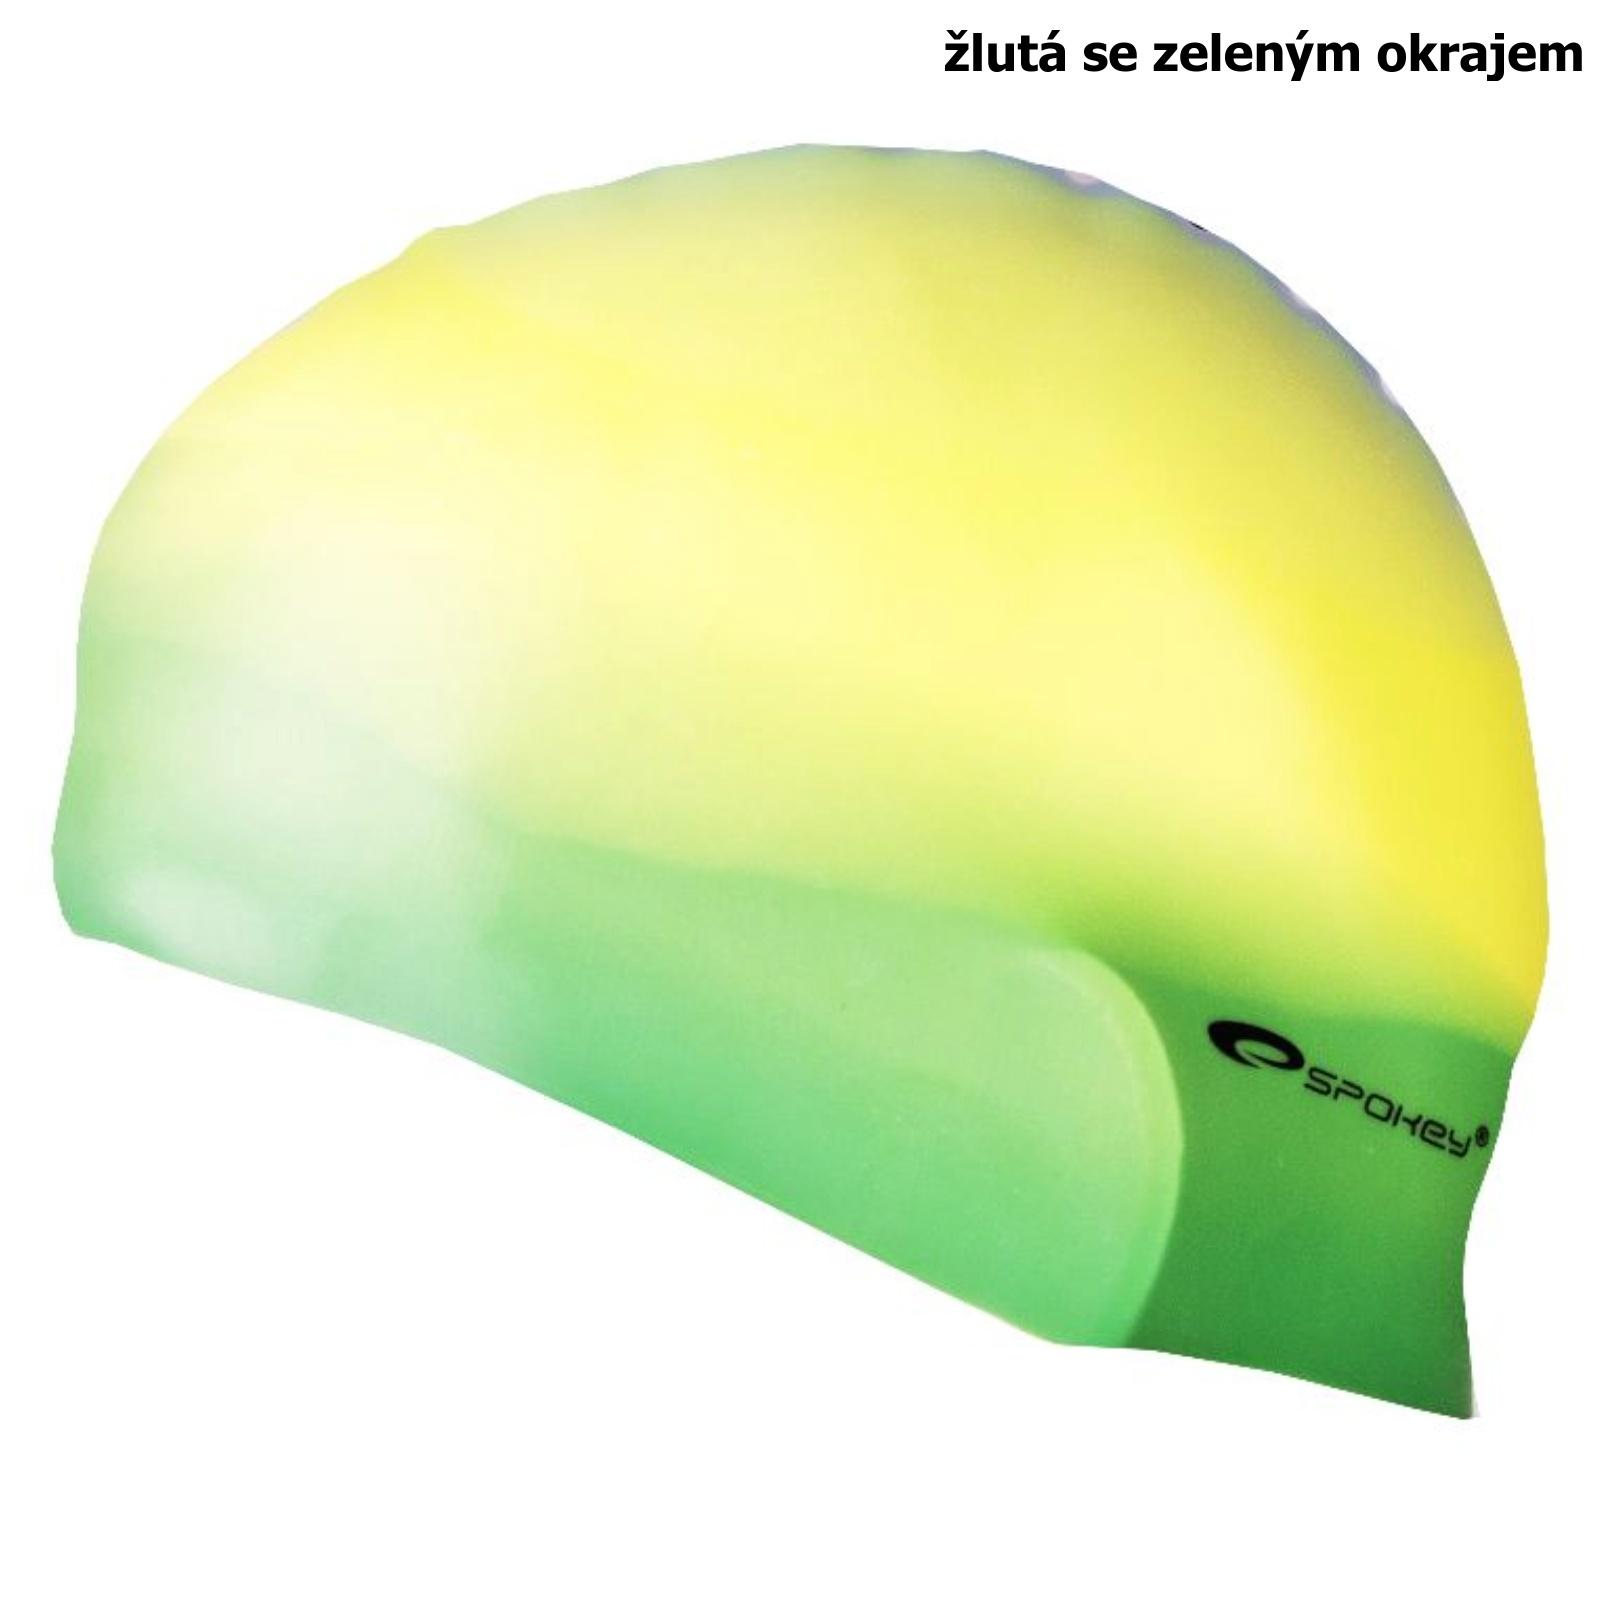 Plavecká čepice SPOKEY Abstract - žluto-zelená